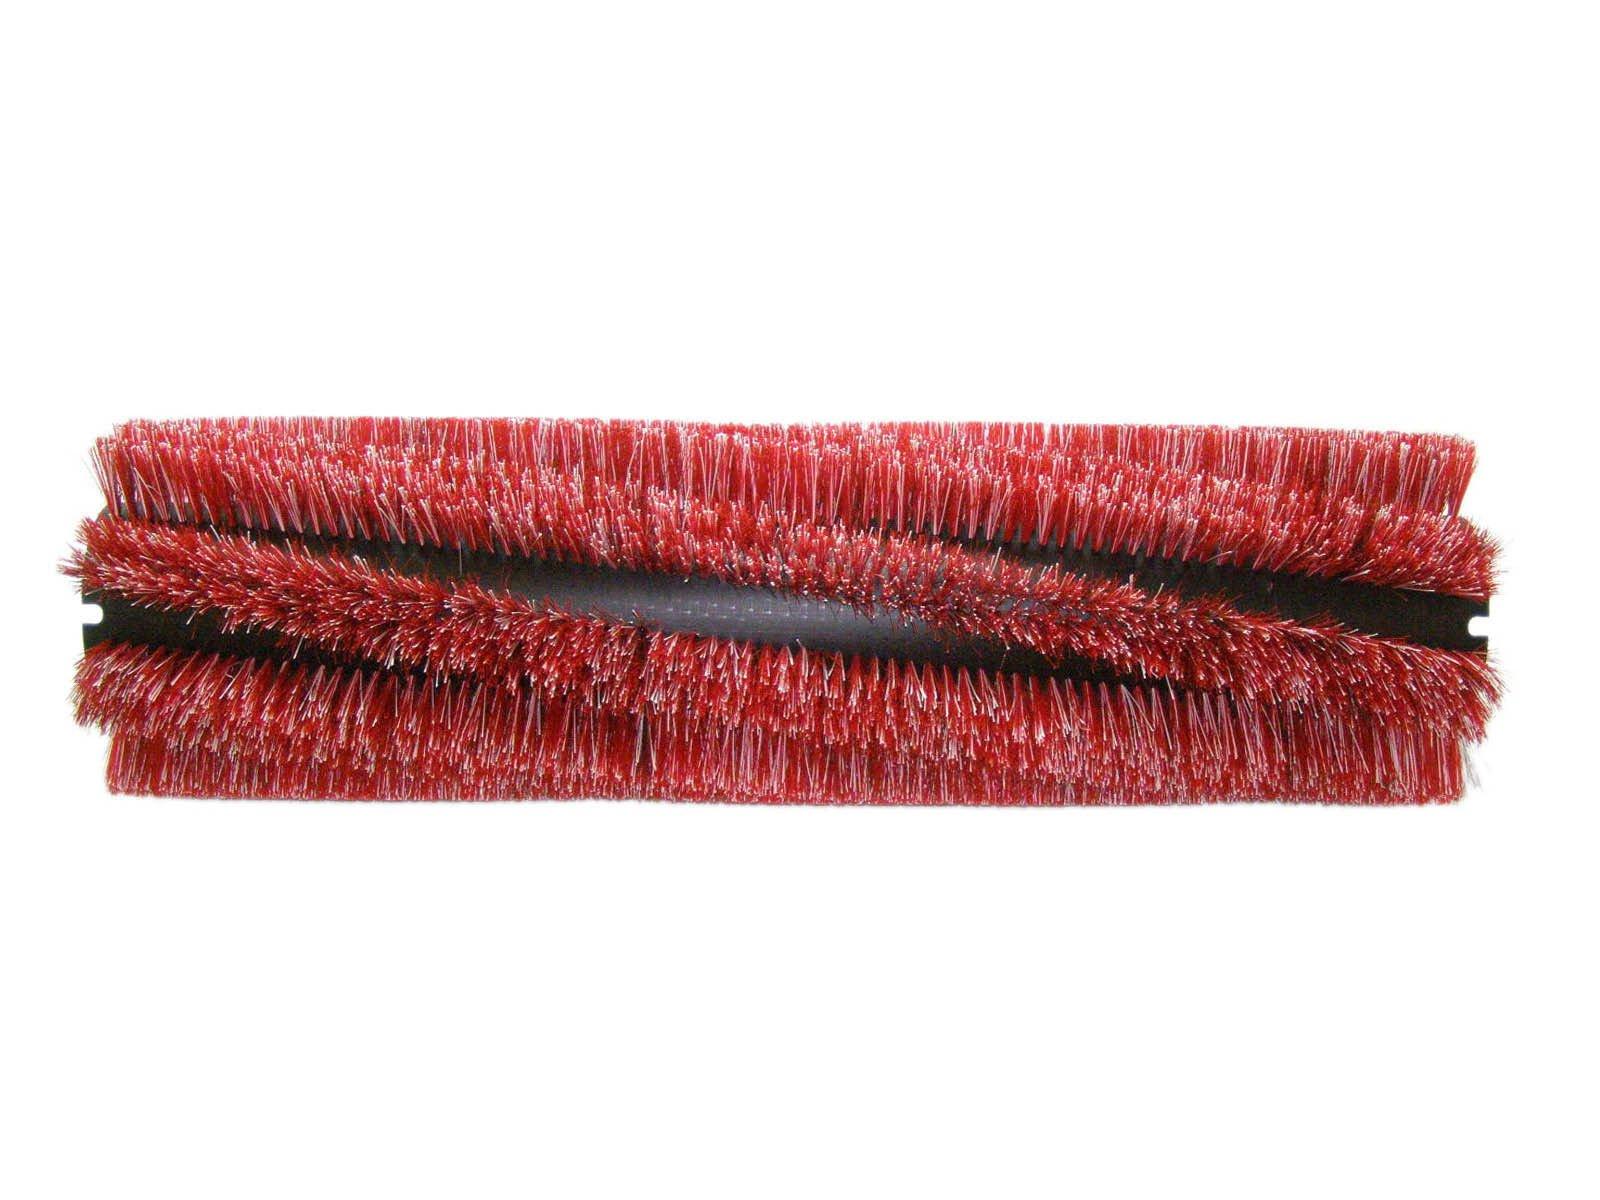 Forklift Supply - Aftermarket Advance Floor Sweeper Scrubber Broom 50 inch 8 DR PN 507424